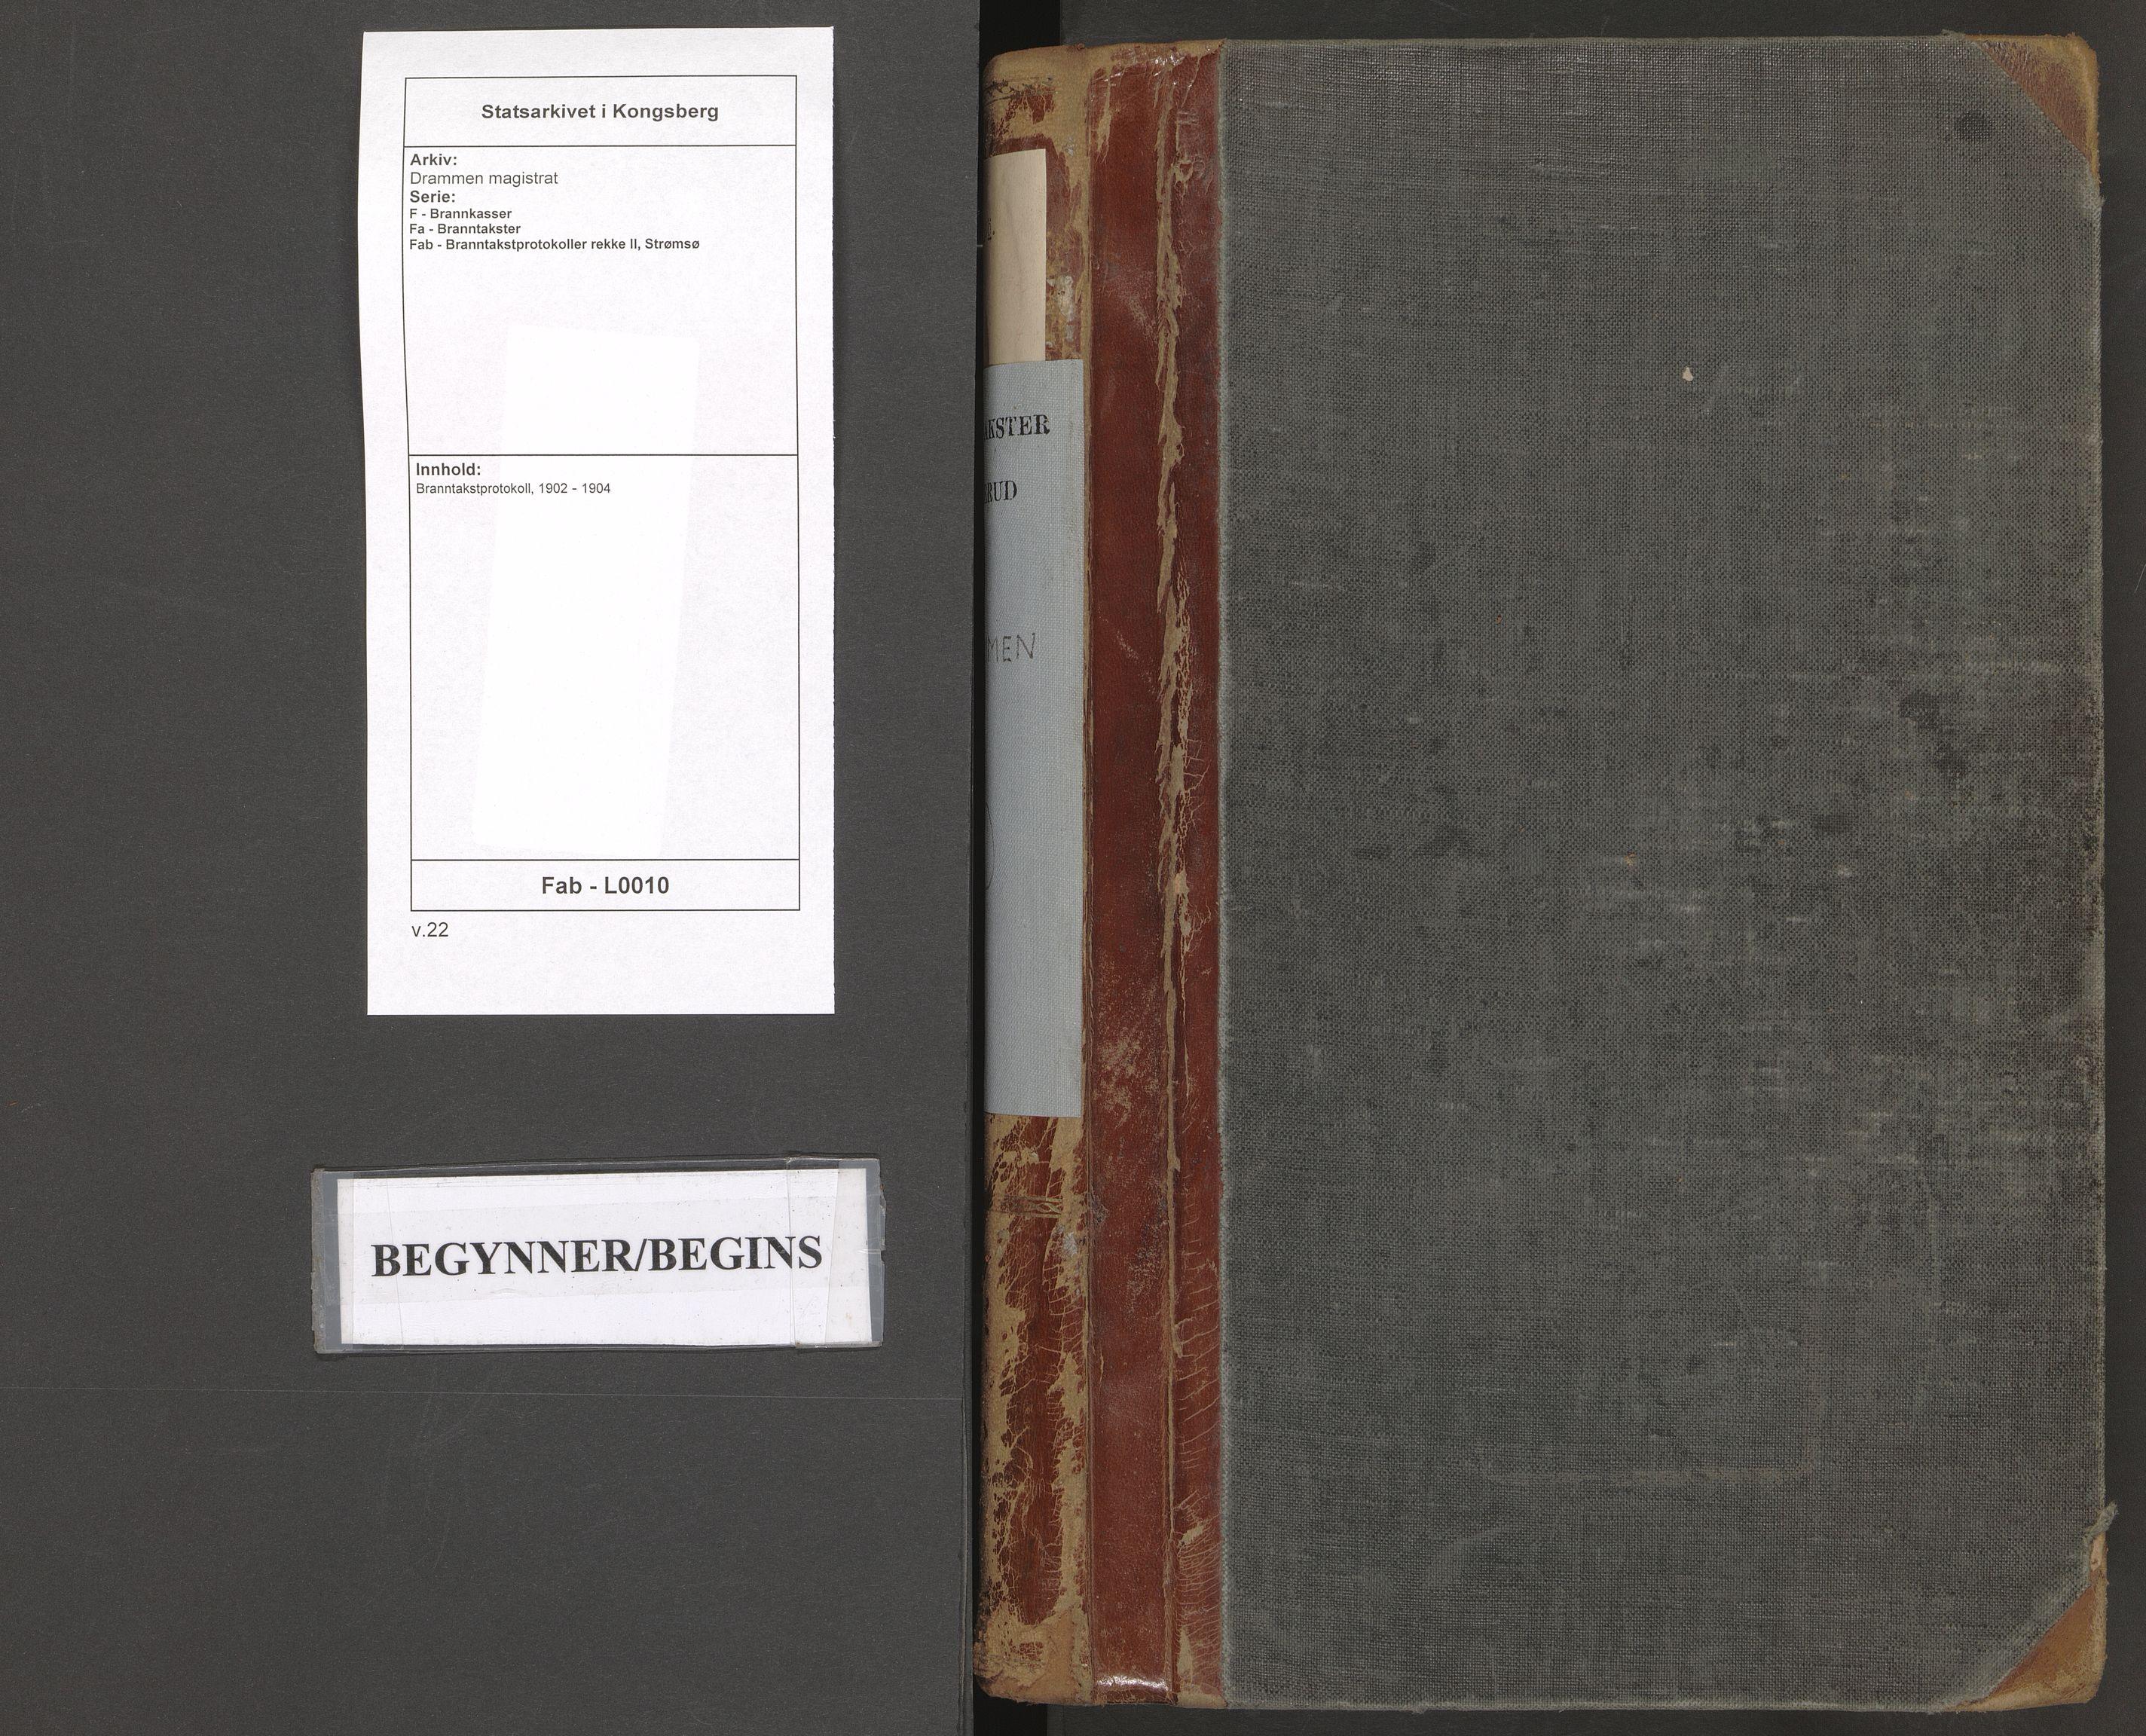 SAKO, Drammen magistrat, F/Fa/Fab/L0010: Branntakstprotokoll, 1902-1904